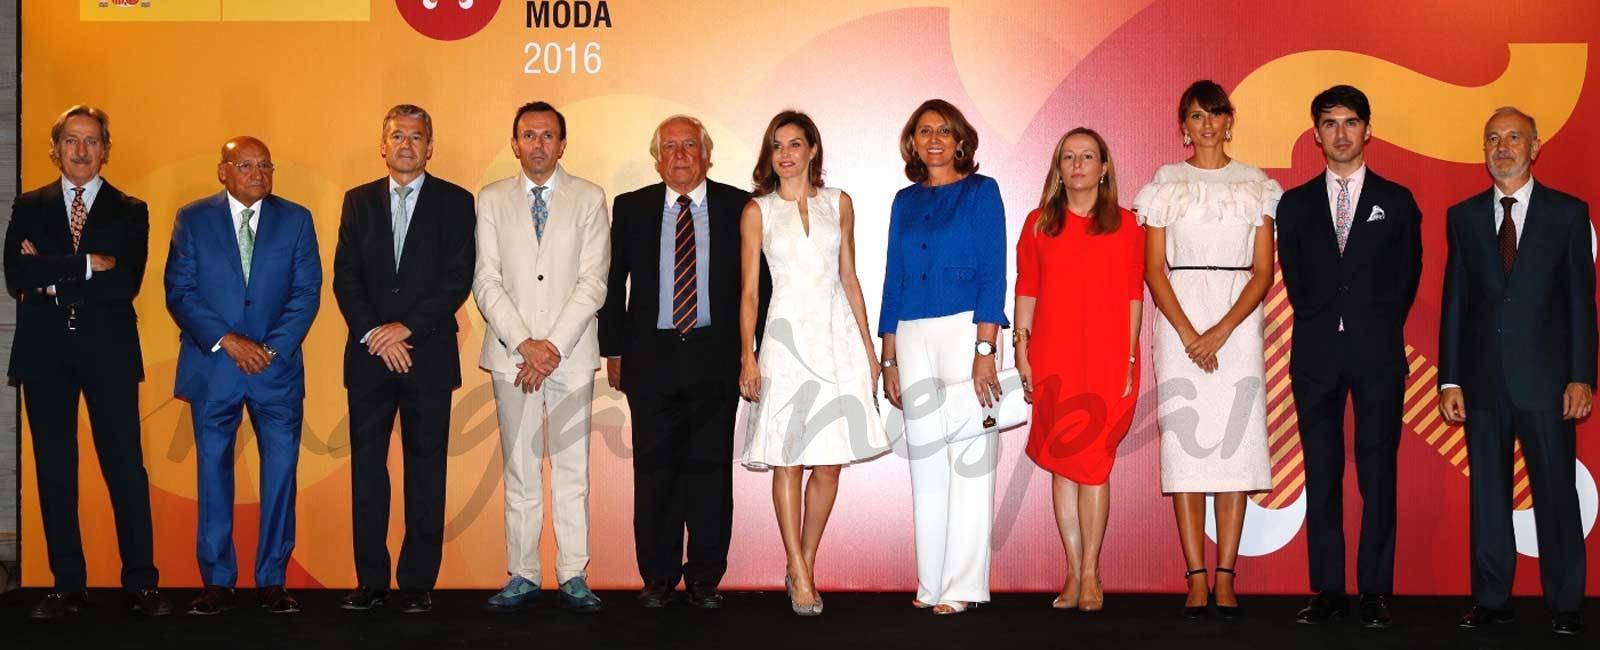 La Reina se viste de Carolina Herrera para entregar los Premios Nacionales de la Moda